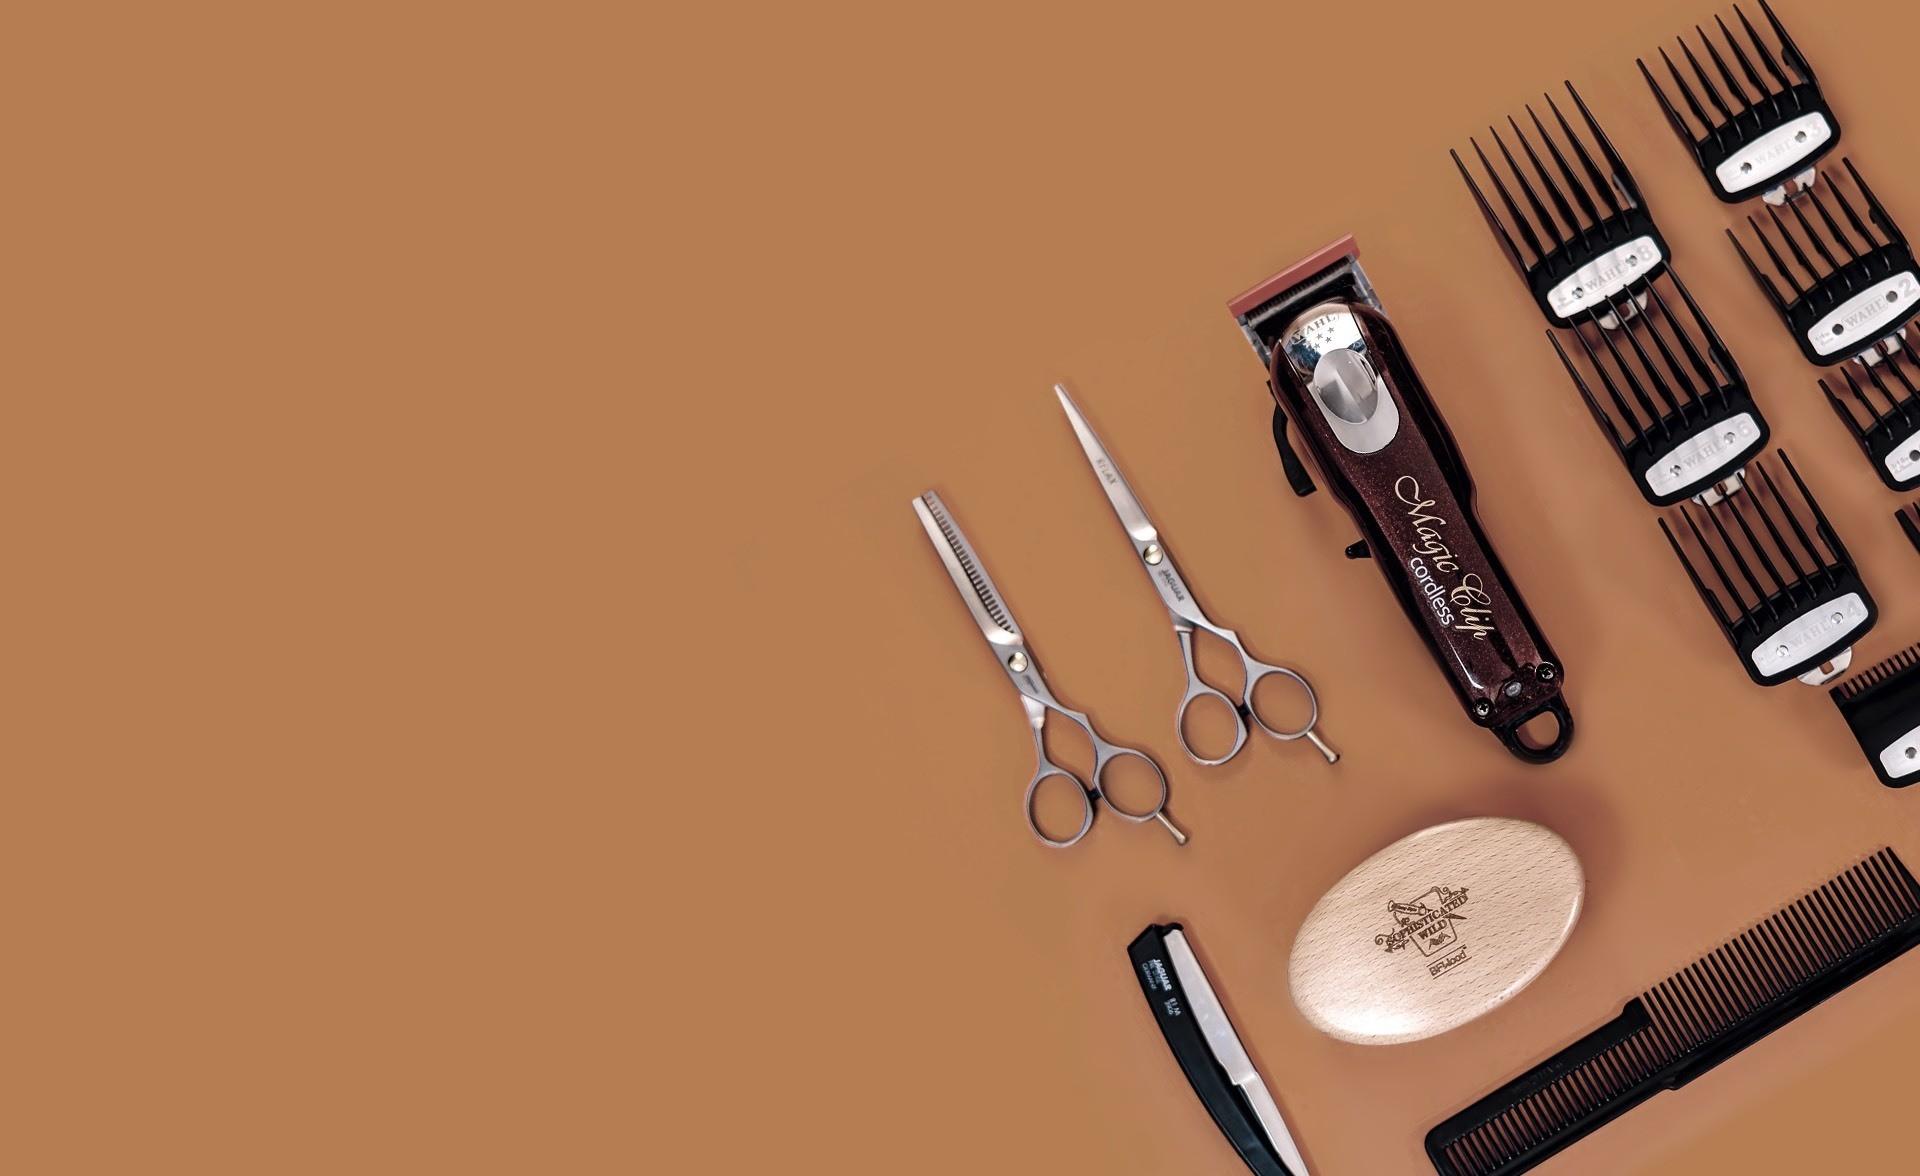 Alat-alat (gunting, sisir, pisau cukur) yang digunakan toko cukur pria di Jakarta dalam kesehariannya